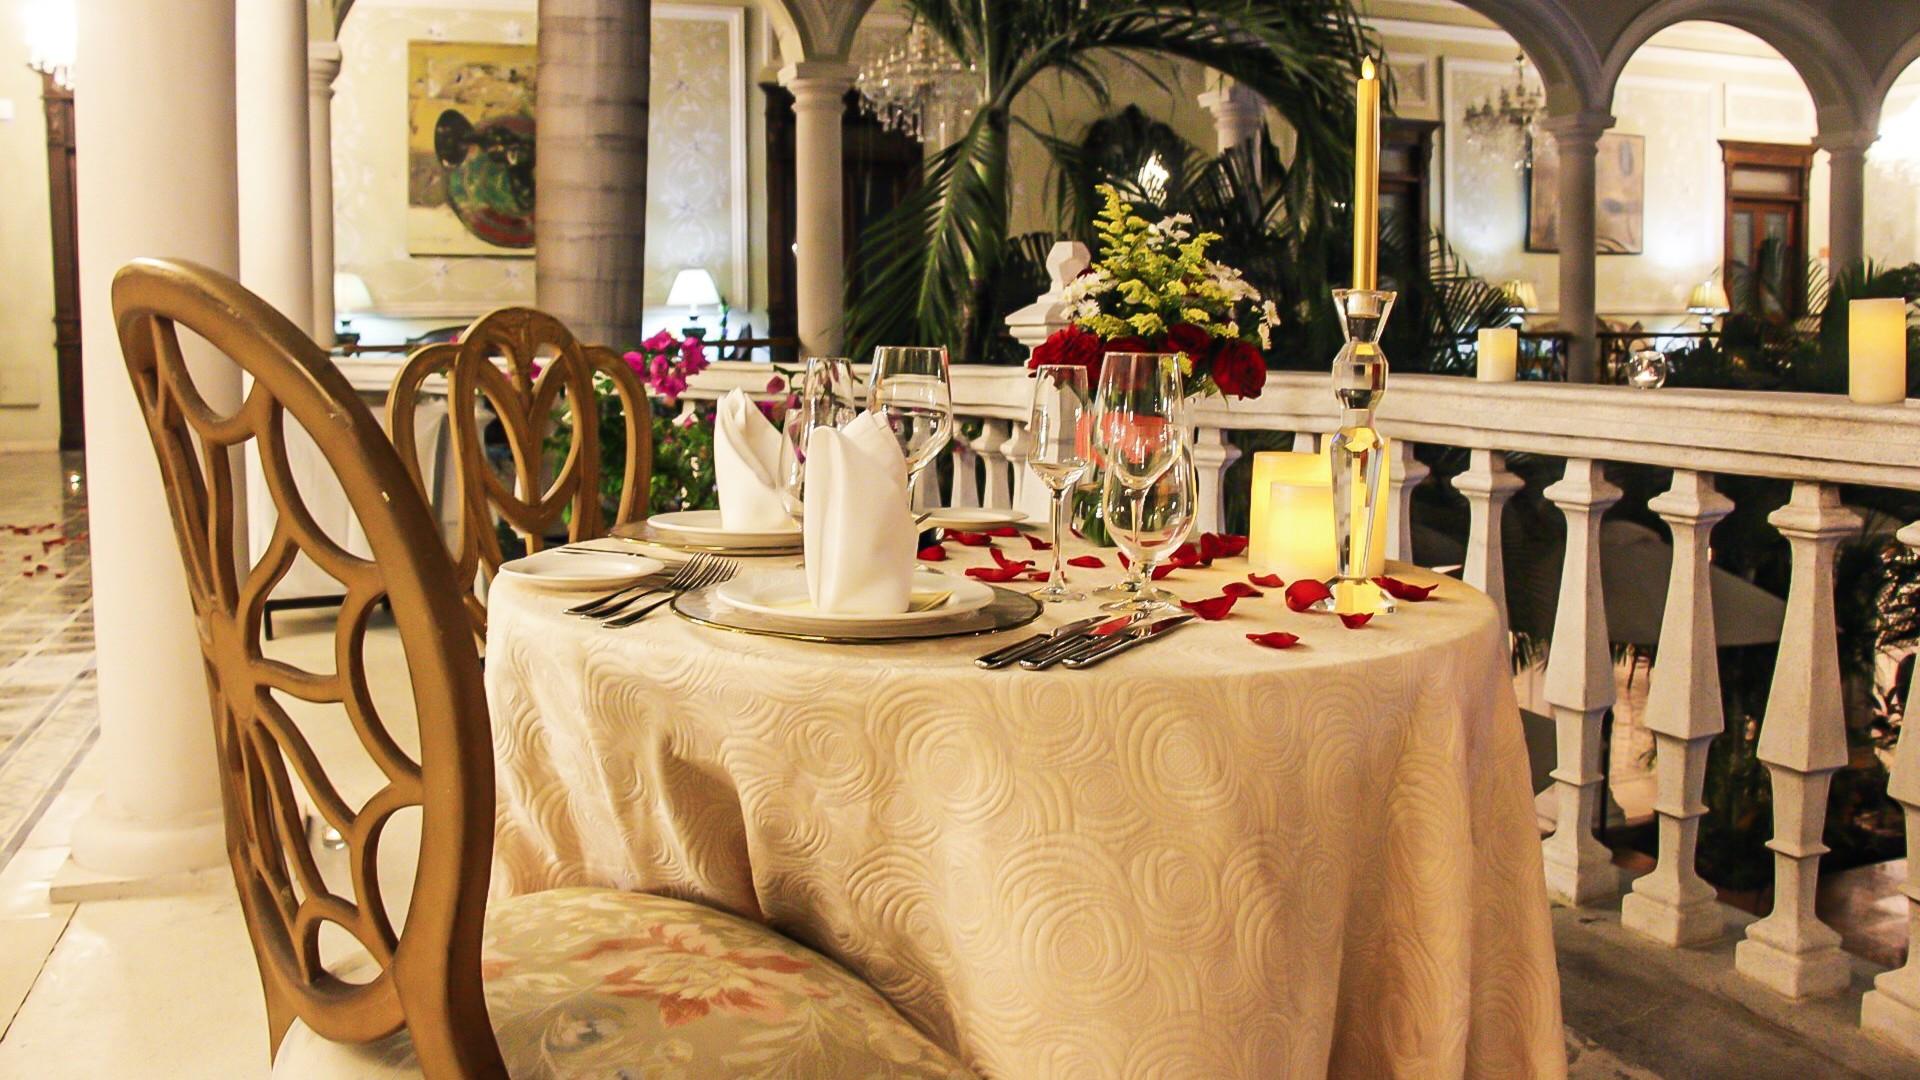 ¡Escápate una noche, cena y barra libre!